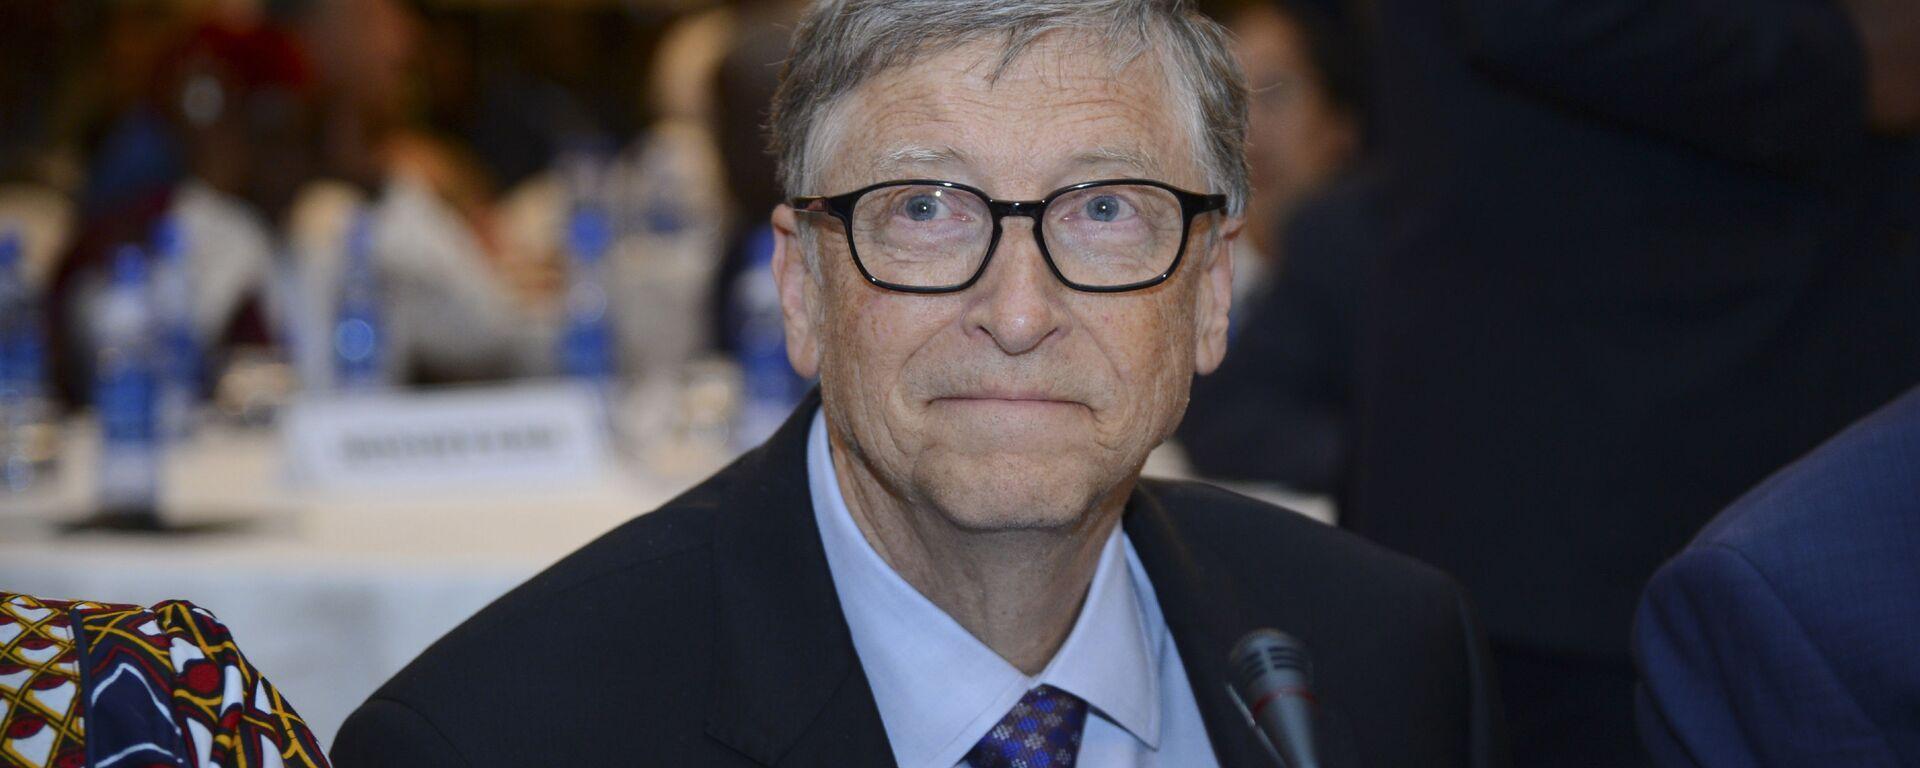 Bill Gates - Sputnik Italia, 1920, 26.04.2021